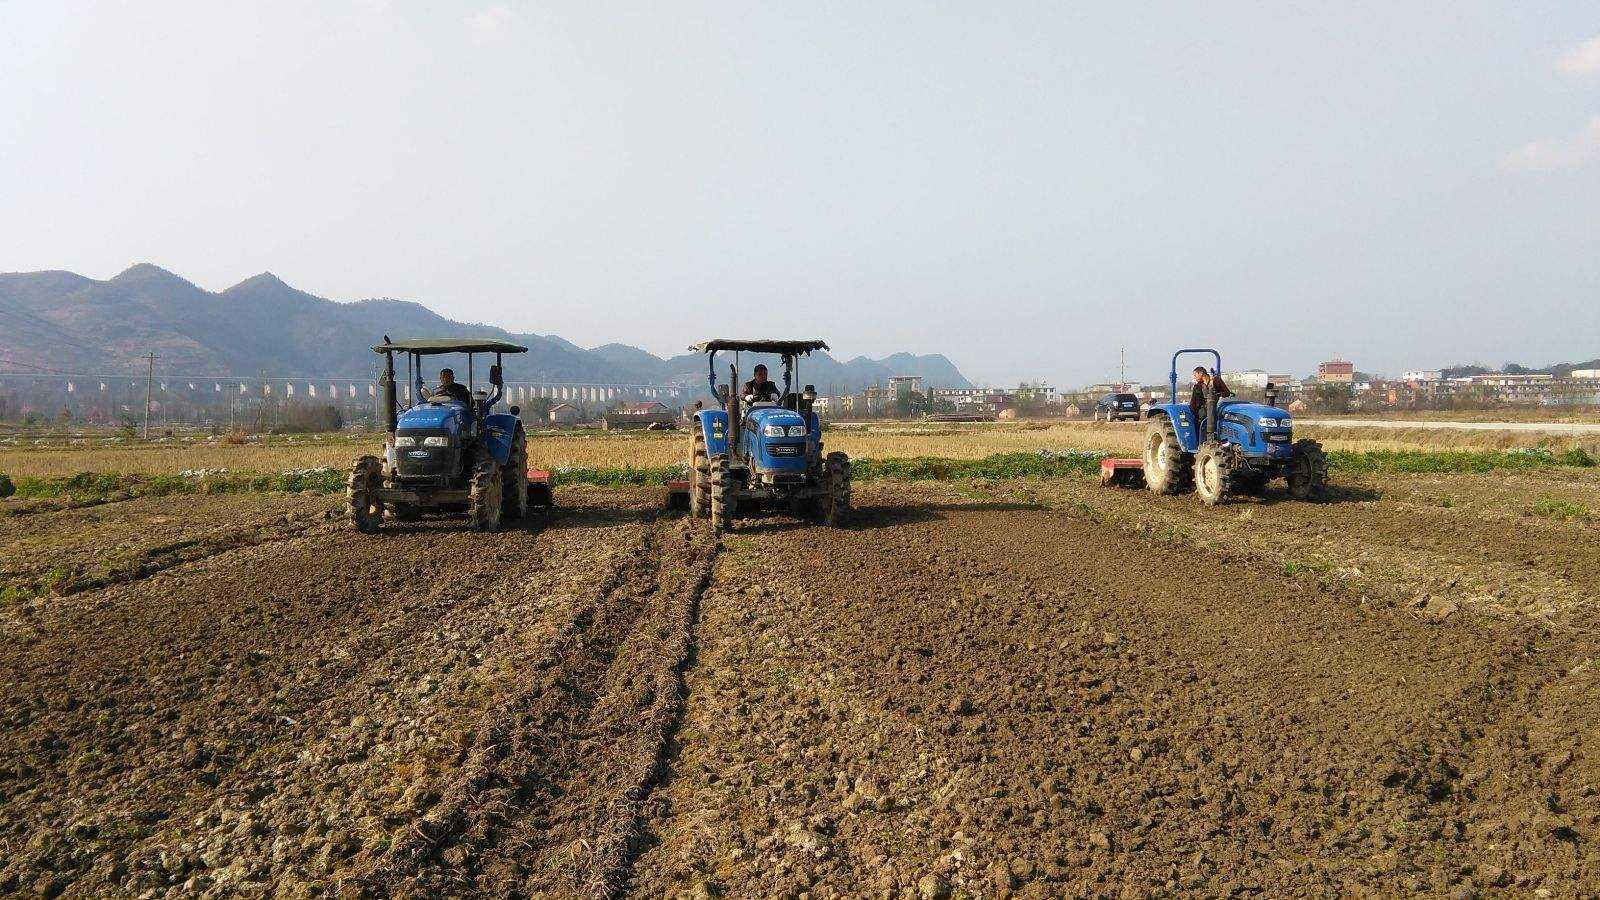 纪检监察机关聚焦重点难点 监督助力农业生产